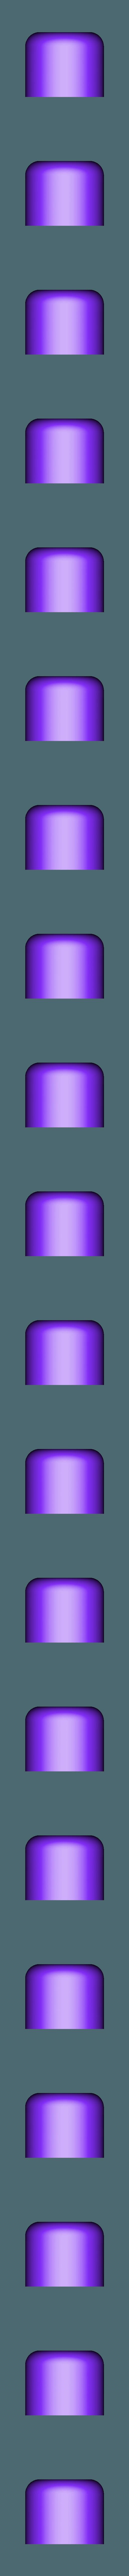 1904-07_Part05.stl Télécharger fichier STL gratuit Serrure imprimée 3D • Objet imprimable en 3D, EL3D